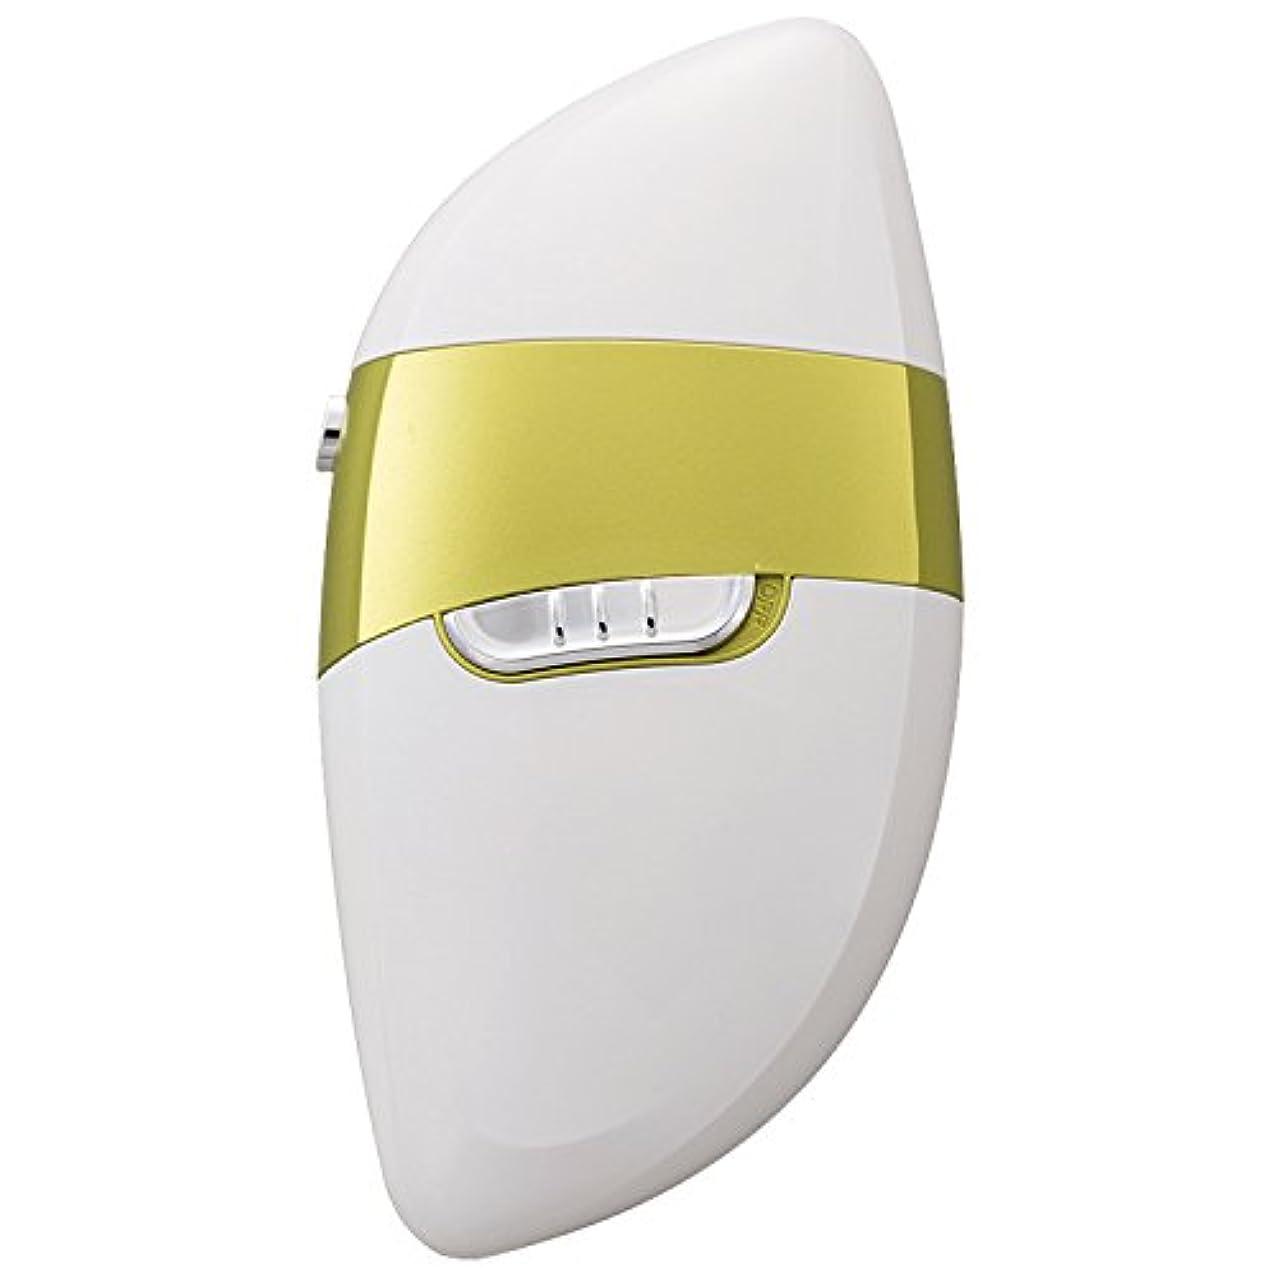 同情脈拍受粉するマリン商事 電動爪切り Leaf 角質ローラー付 EL-50176